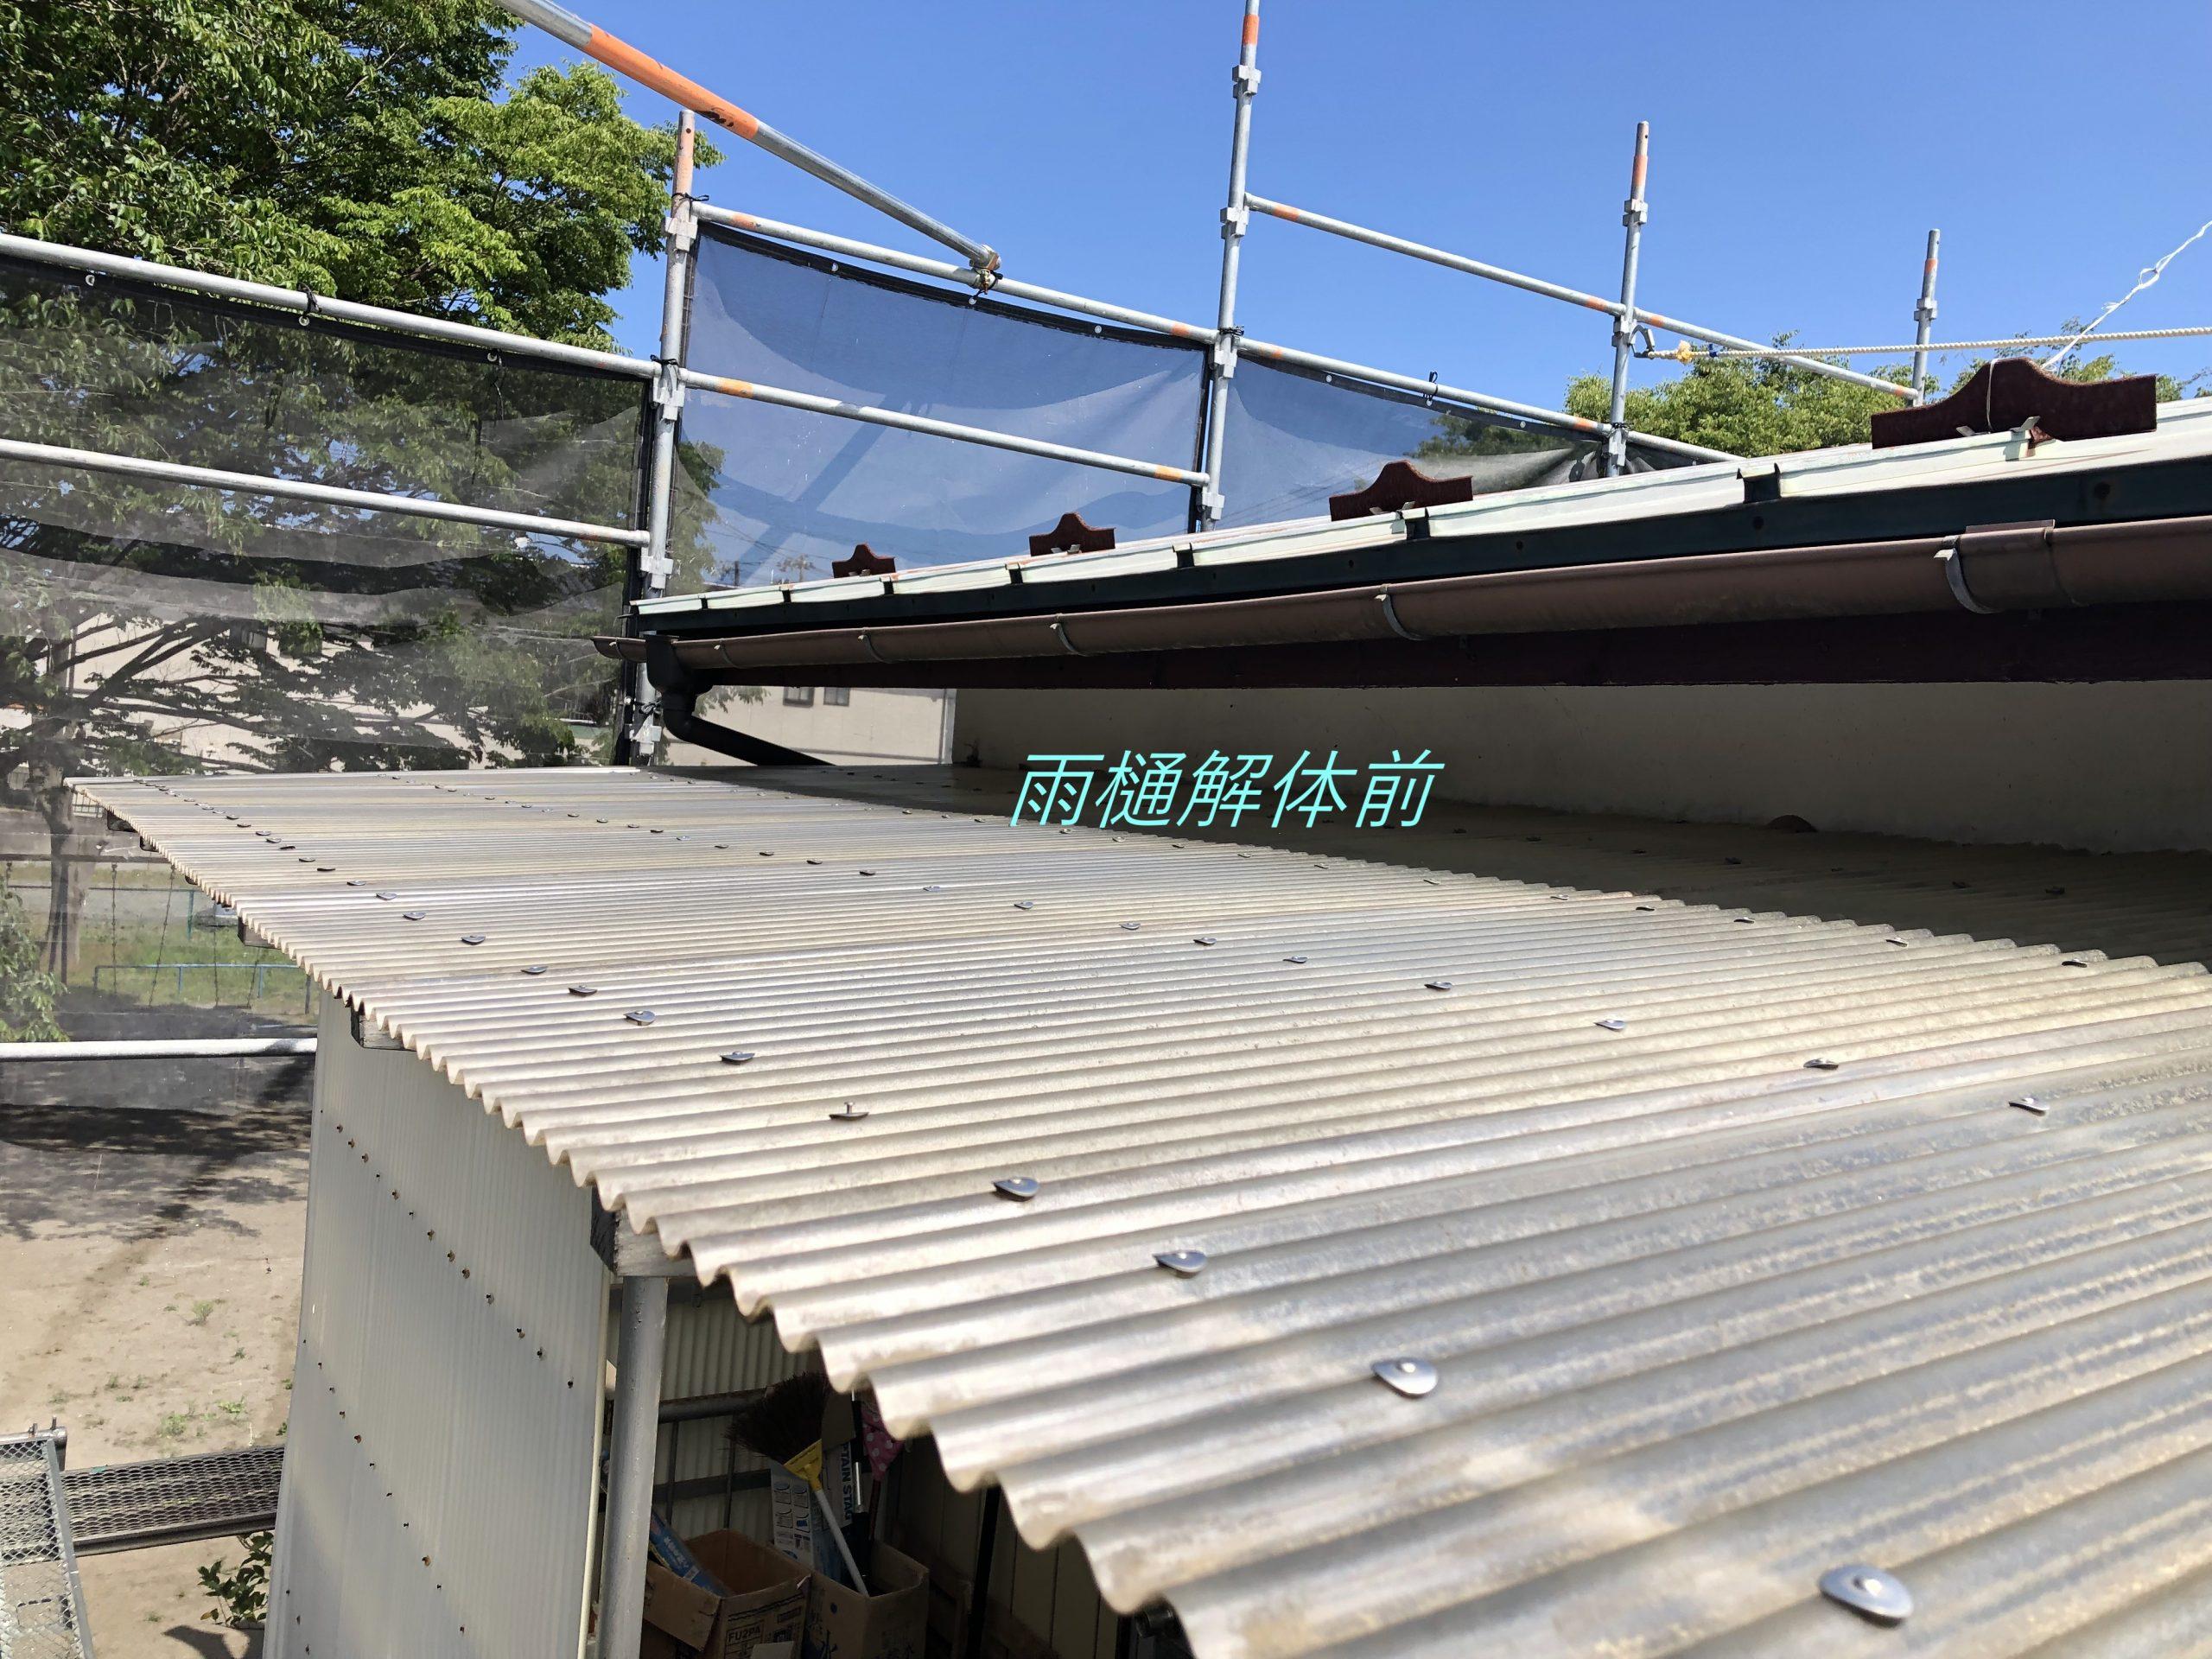 仙台市泉区で雨樋架け替えの為雨樋を解体しました。